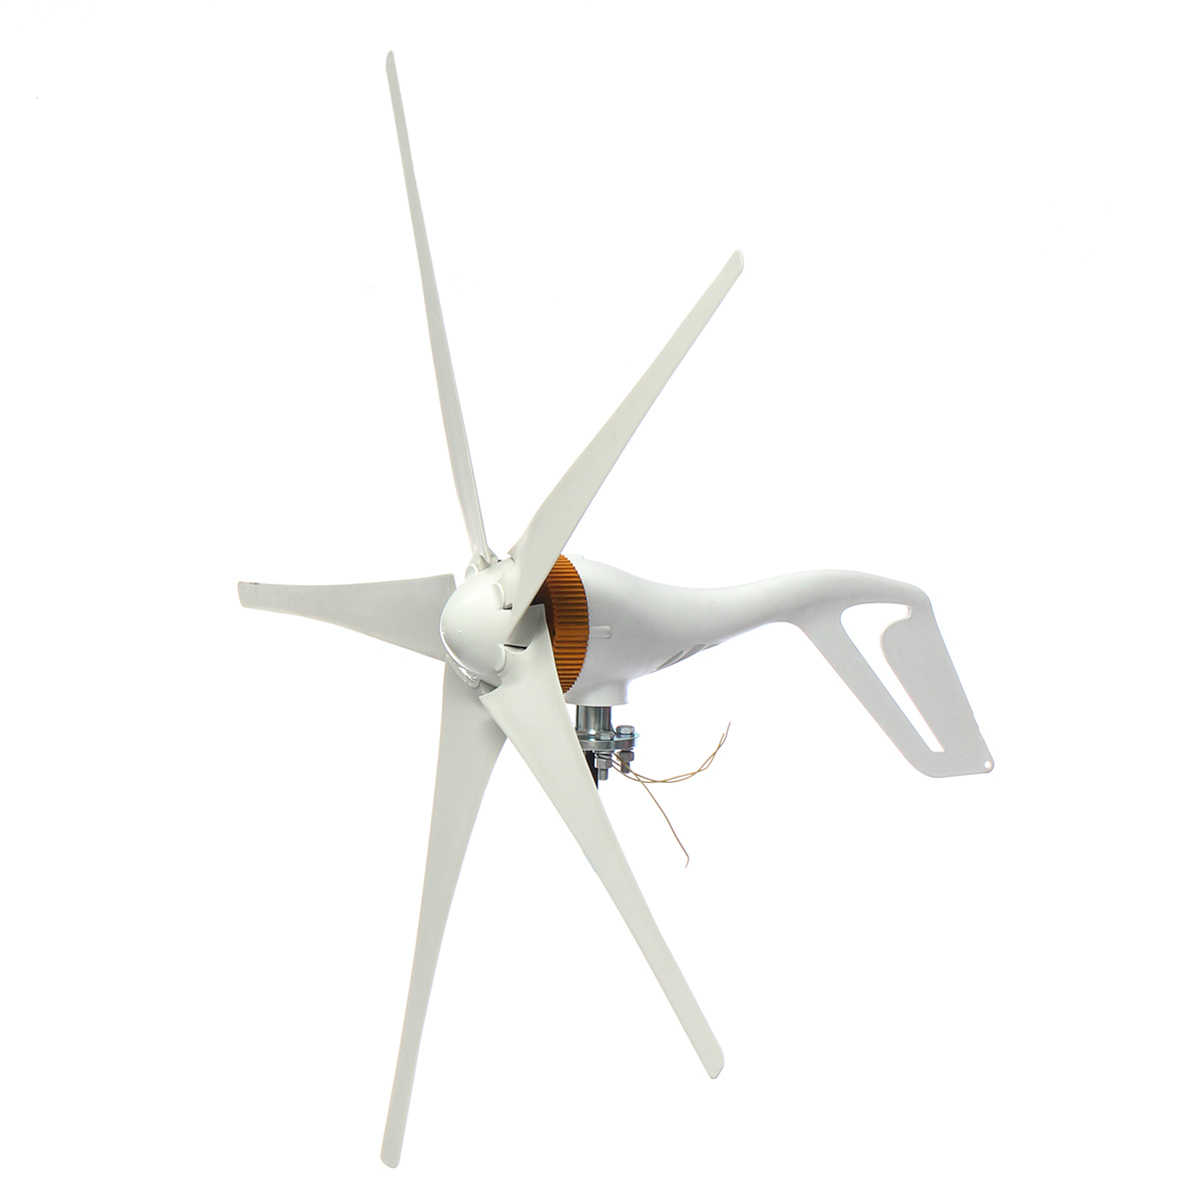 2018 AC 500 W 12 V/24 V внешний контроллер генератора 5 лопастей миниатюрные ветряные турбины жилой домашний генератор для ветряных турбин